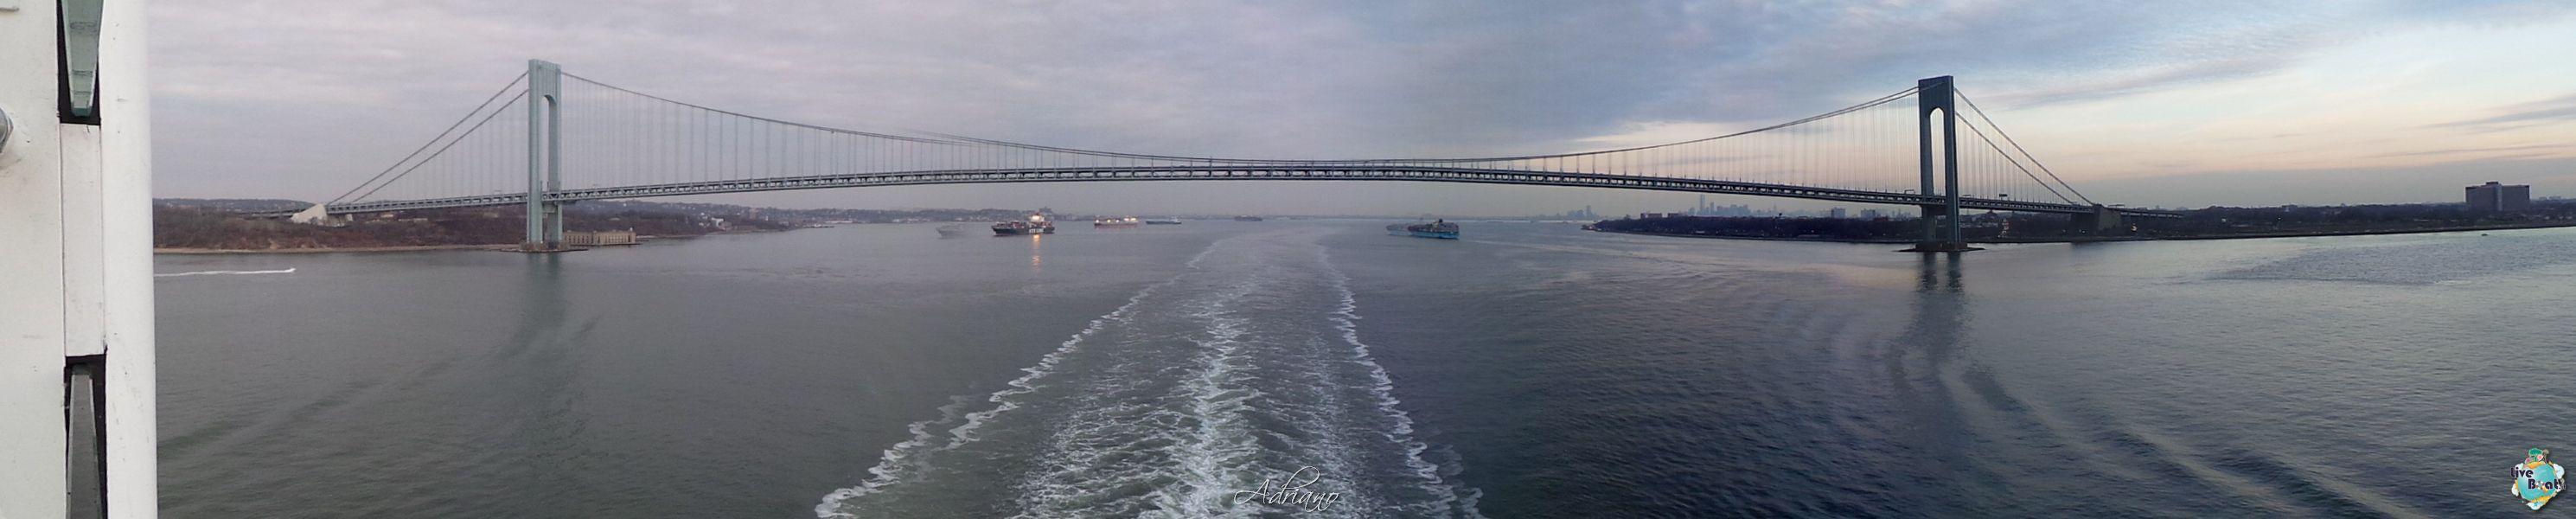 2013/12/01 - New York, Imbarco - Norwegian Breakaway-0088-norwegian-breakaway-cruise-new-york-jpg